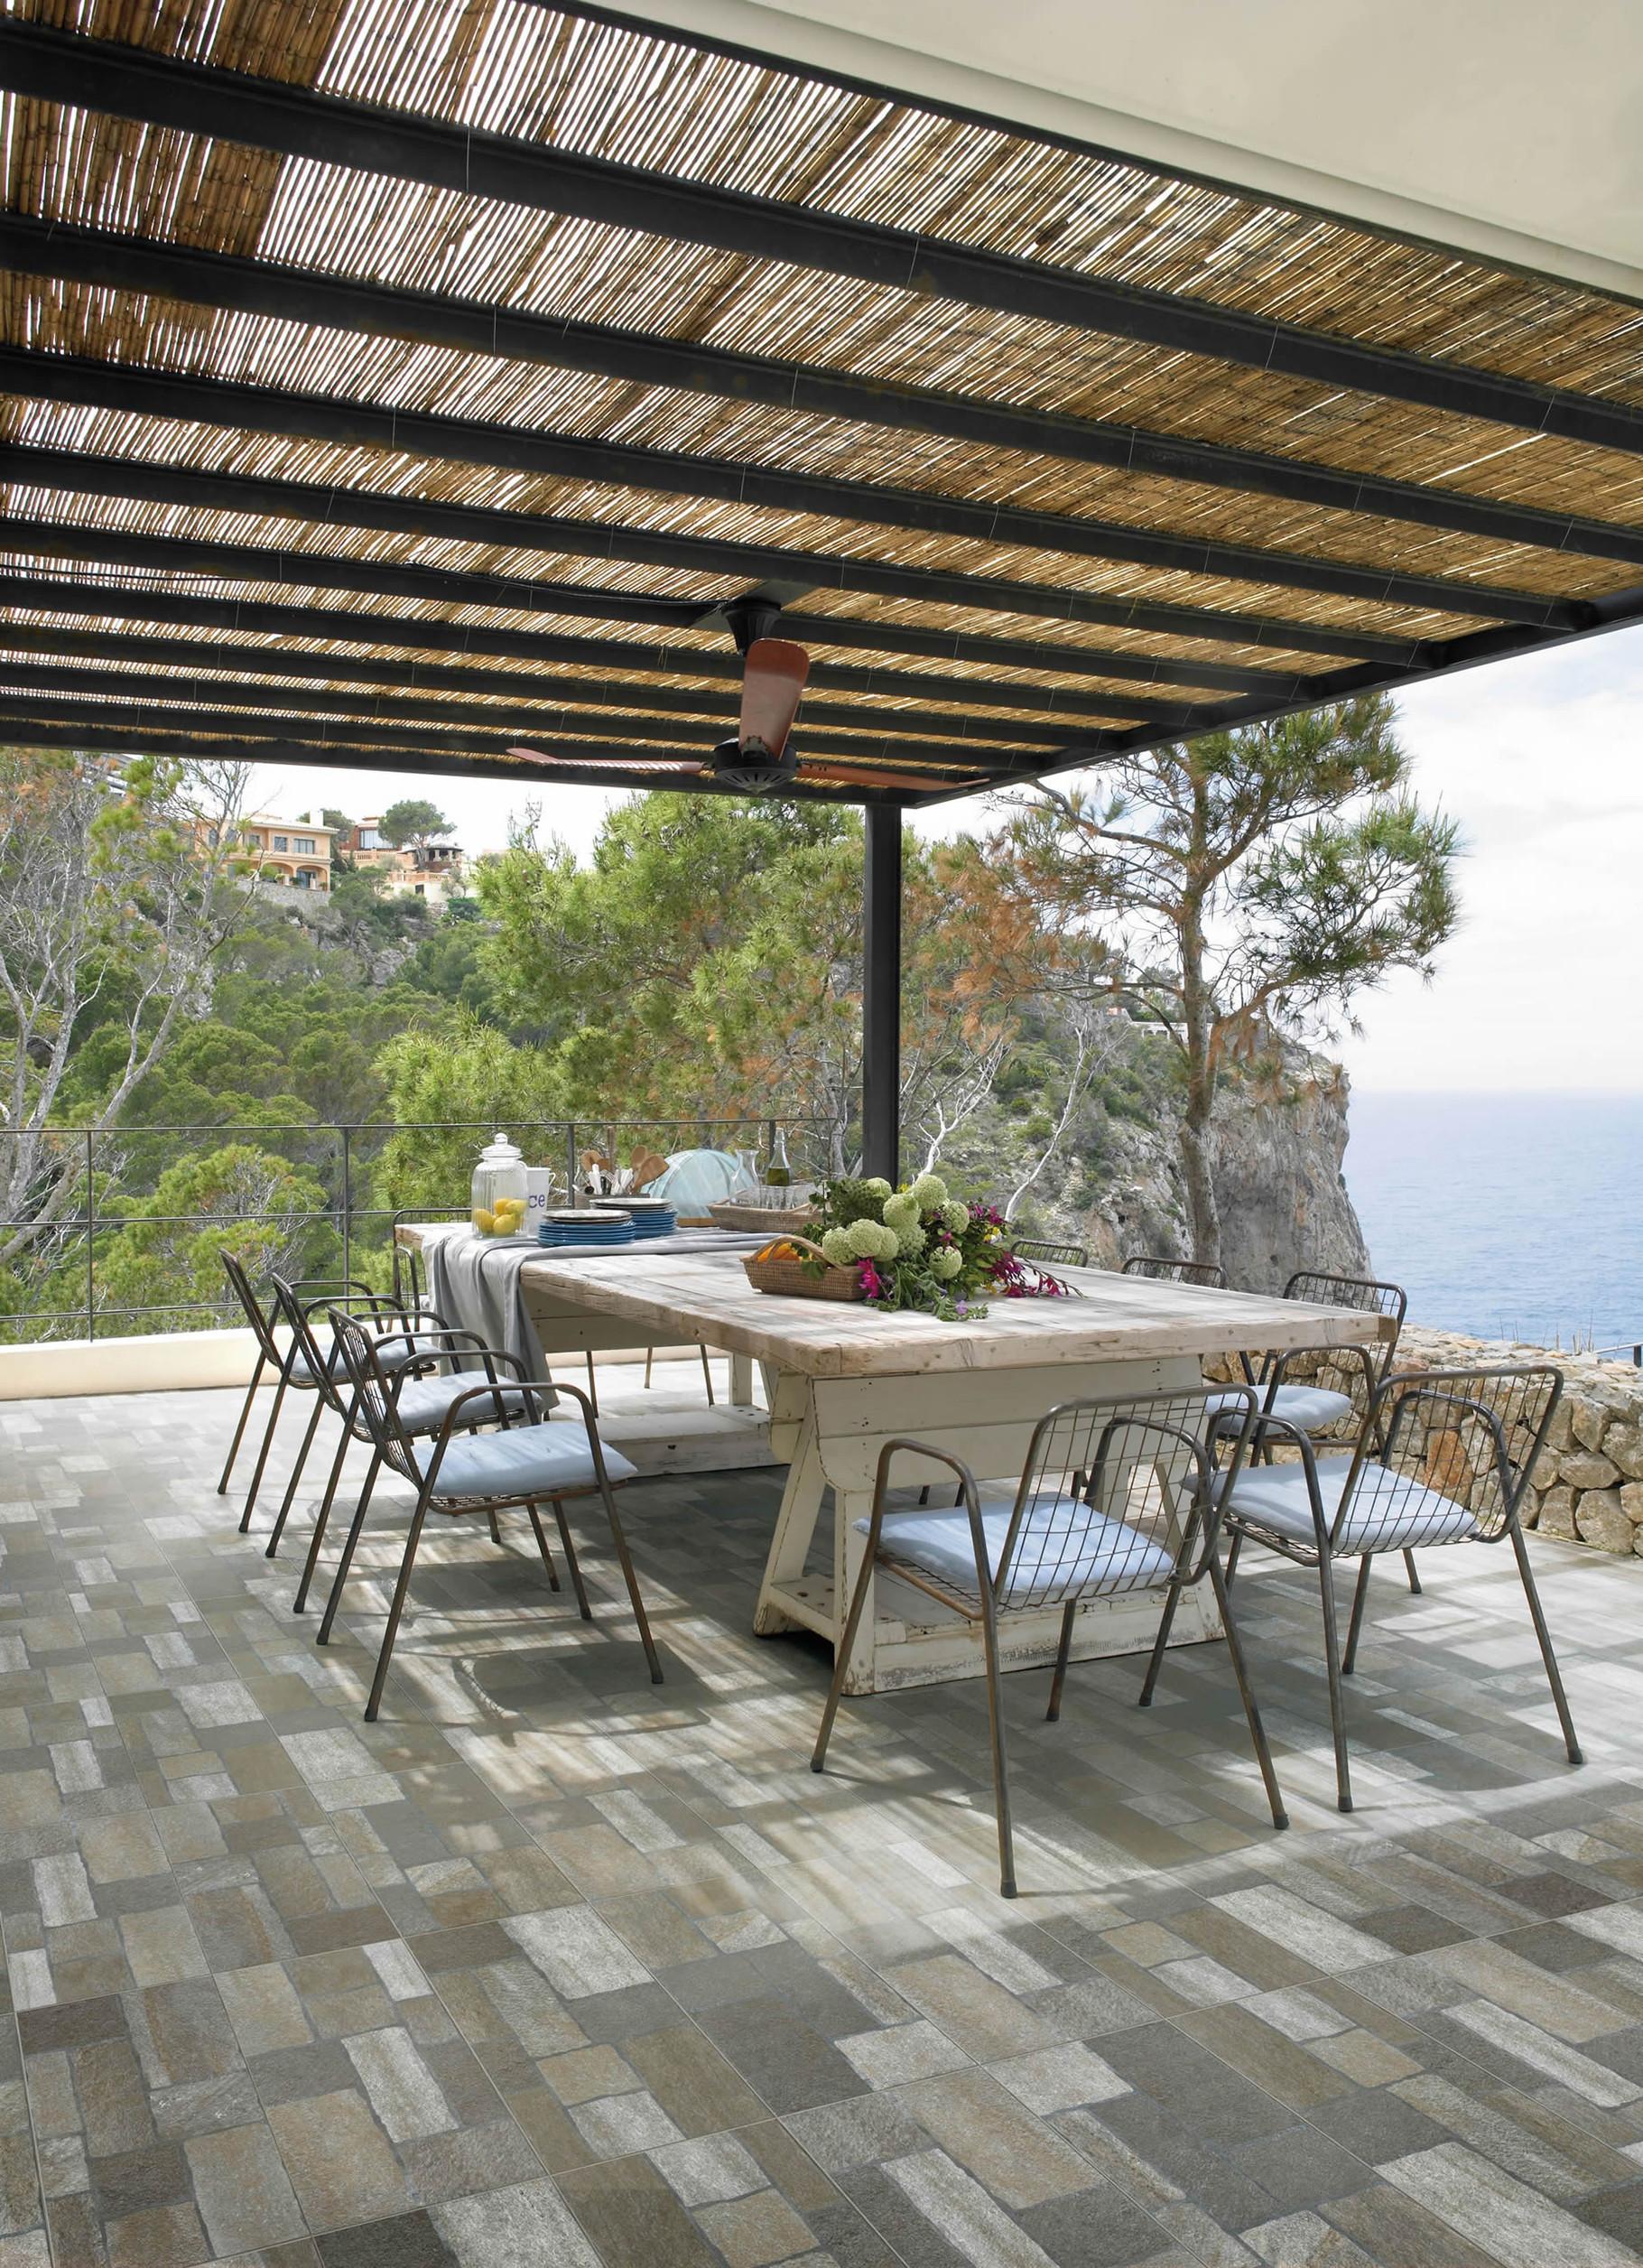 Pavimenti Per Terrazzi Esterni pavimenti per esterni - casaeco pavimenti e rivestimenti in